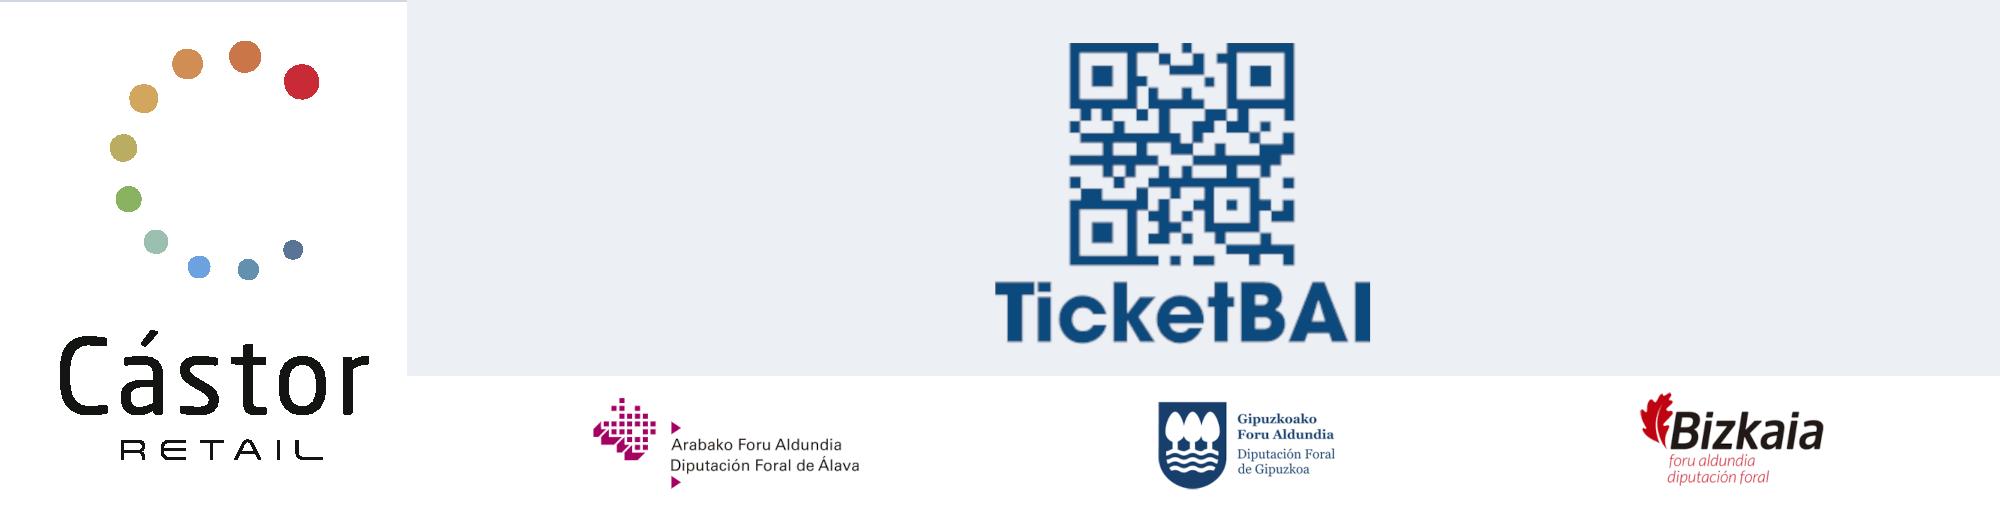 TicketBAI, CástorRetail ha sido certificado como software garante